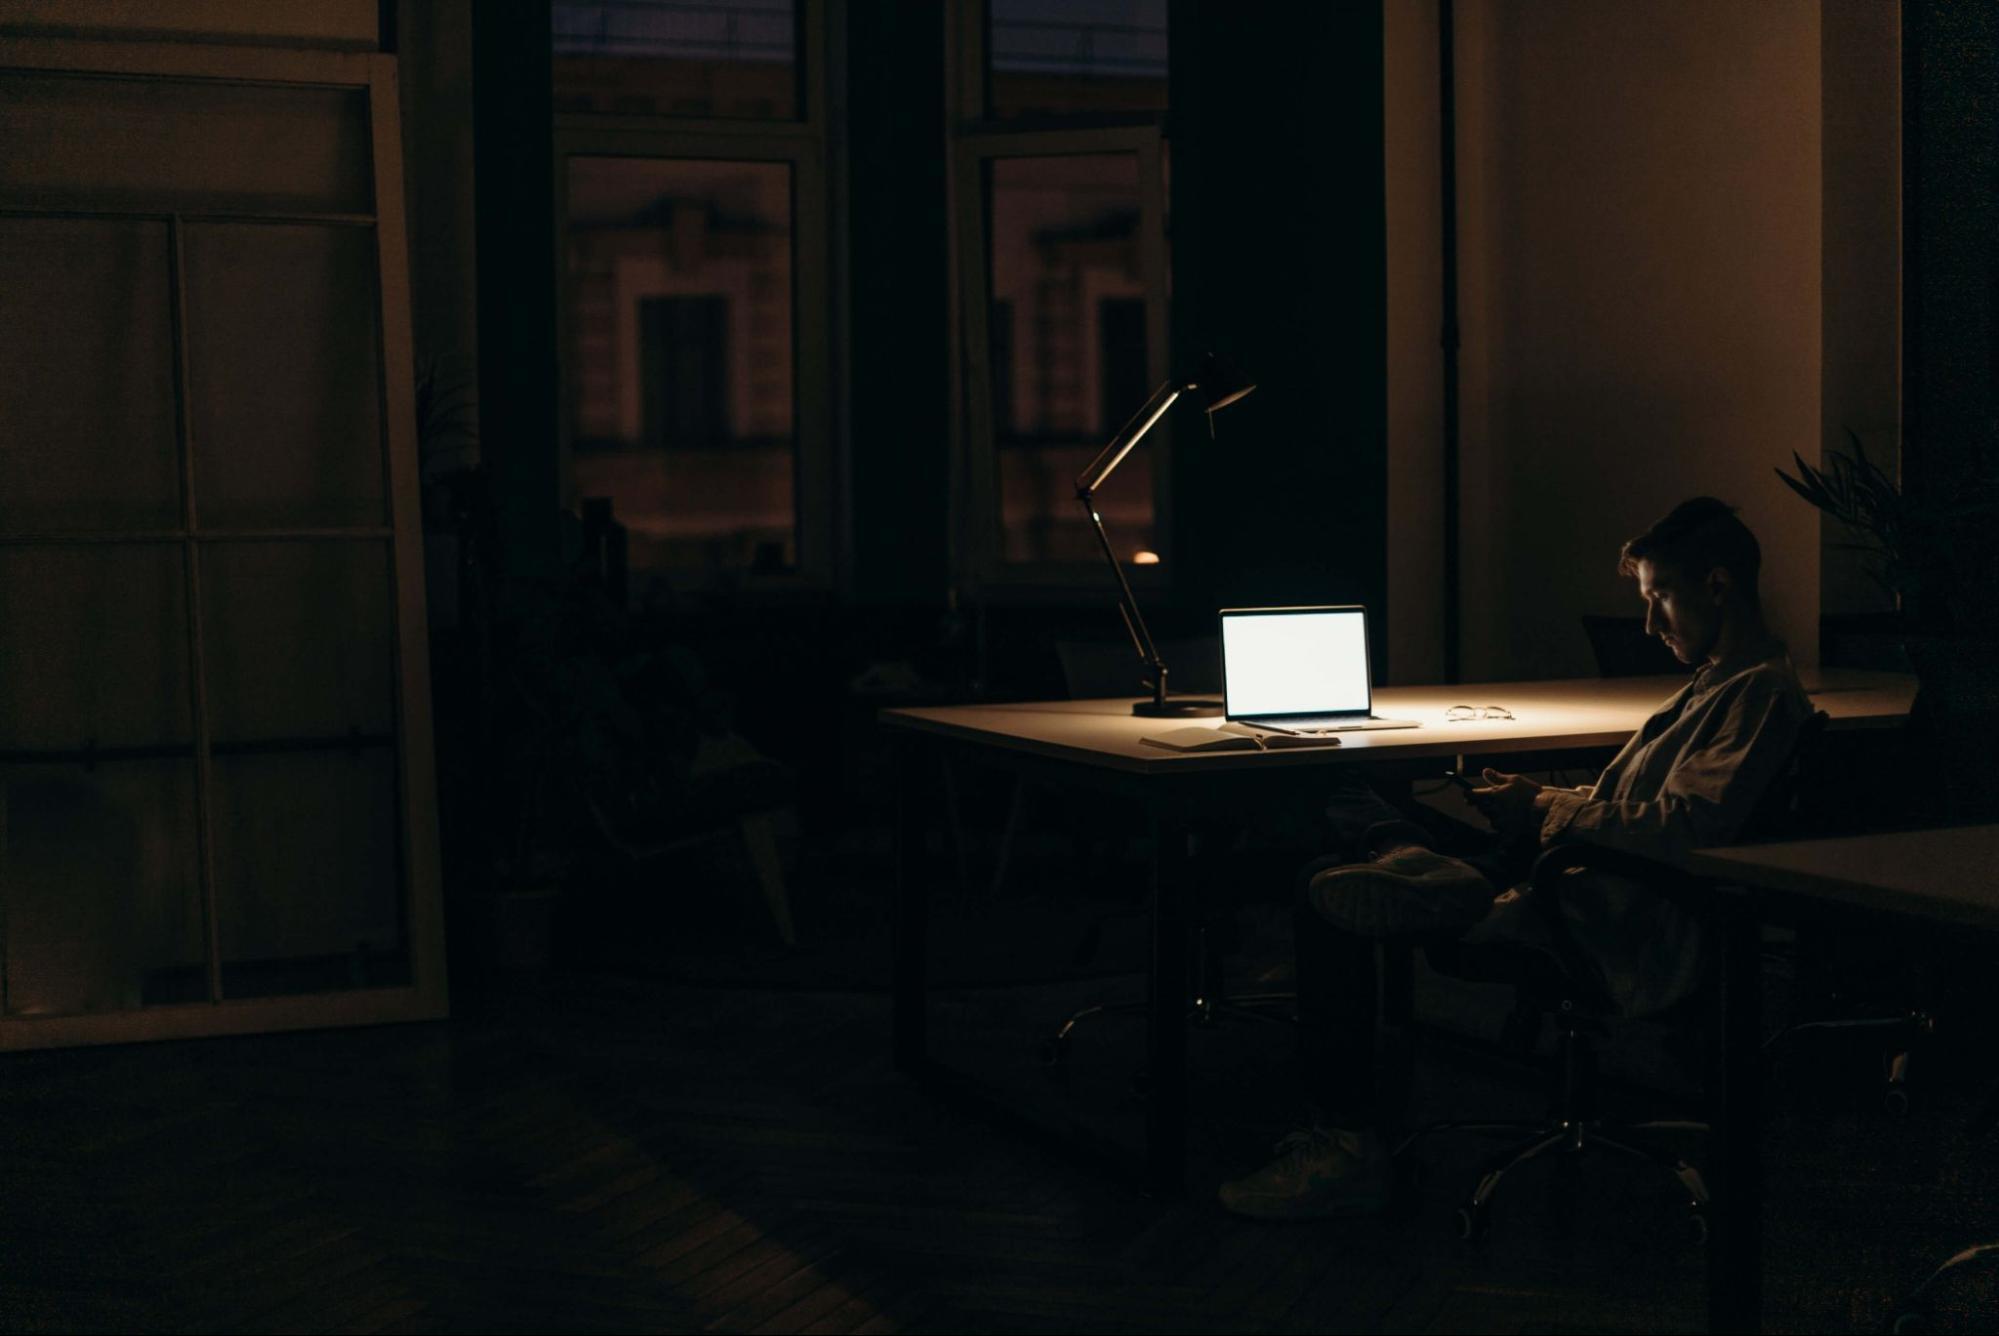 長期熬夜等於慢性自殺